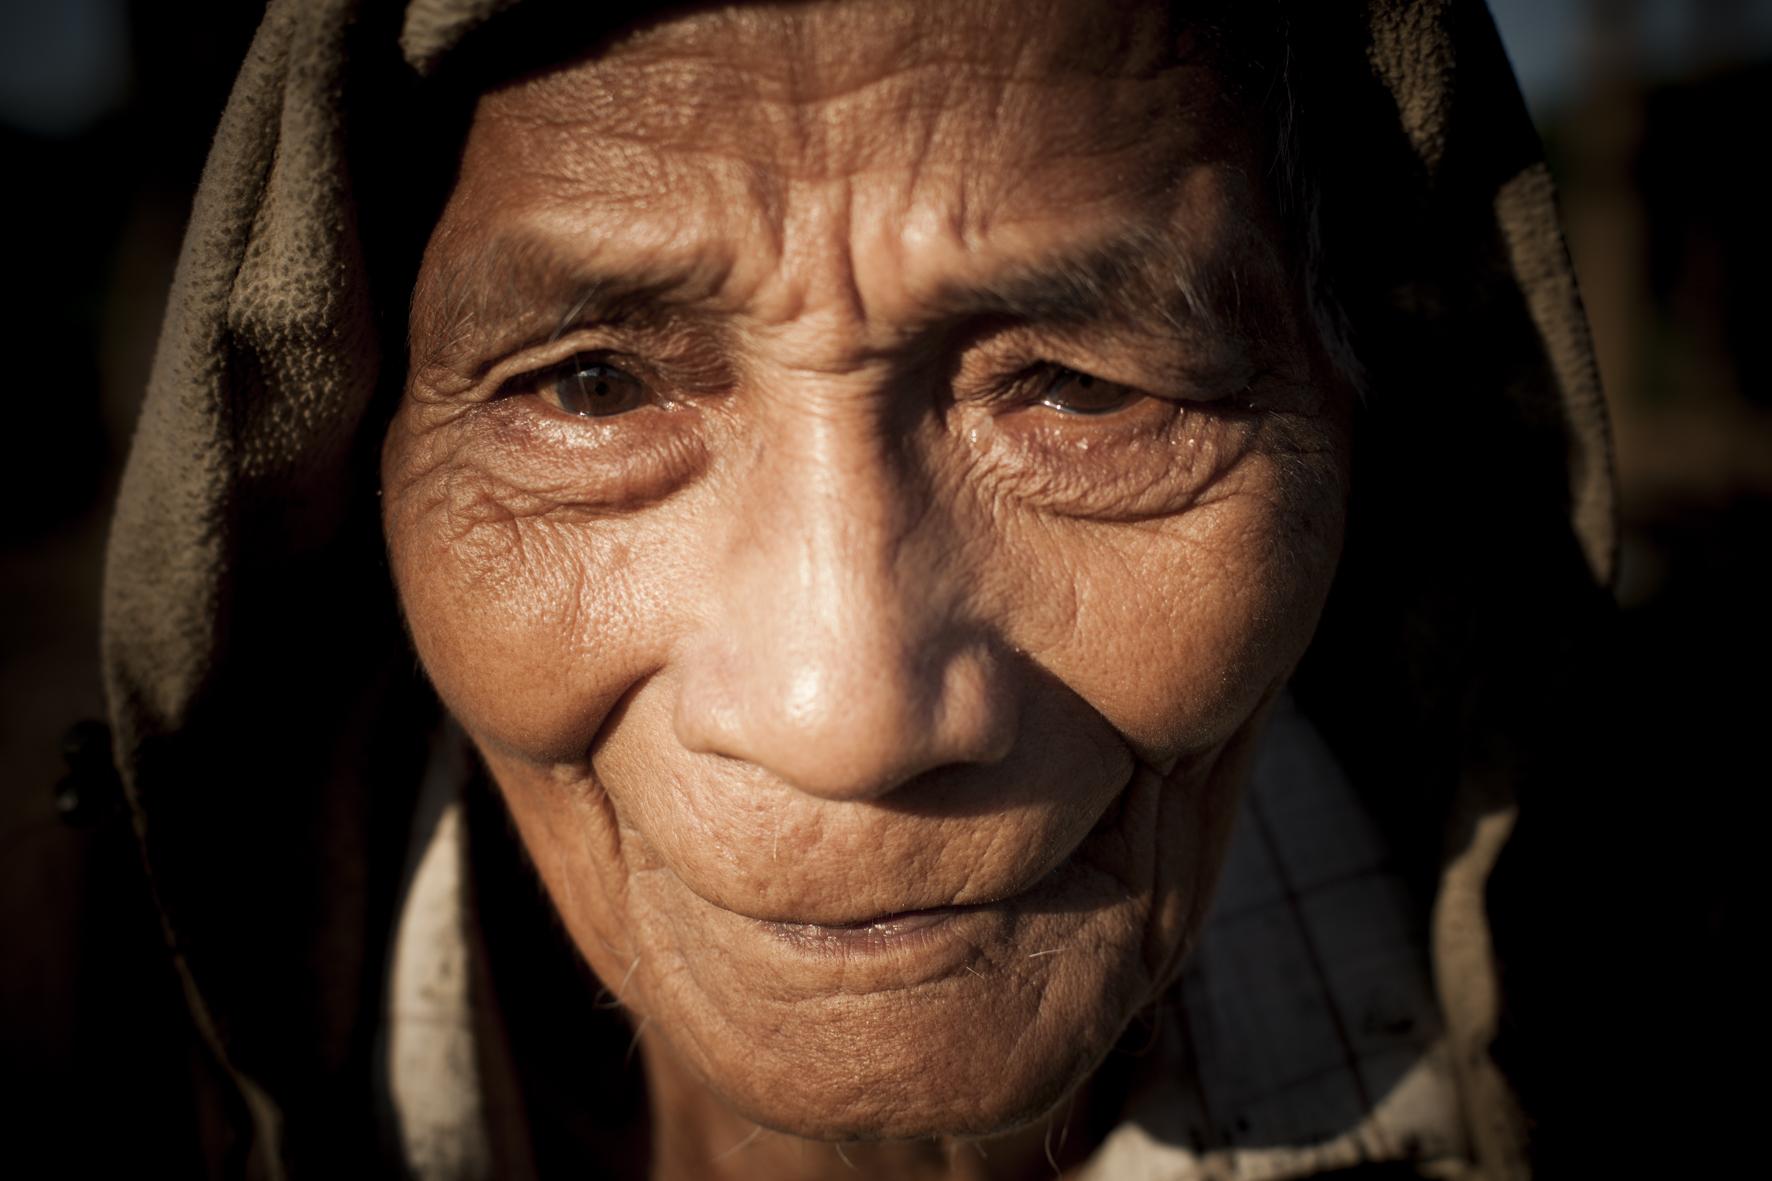 Meurtres et violences à l'égard des Ronhingya